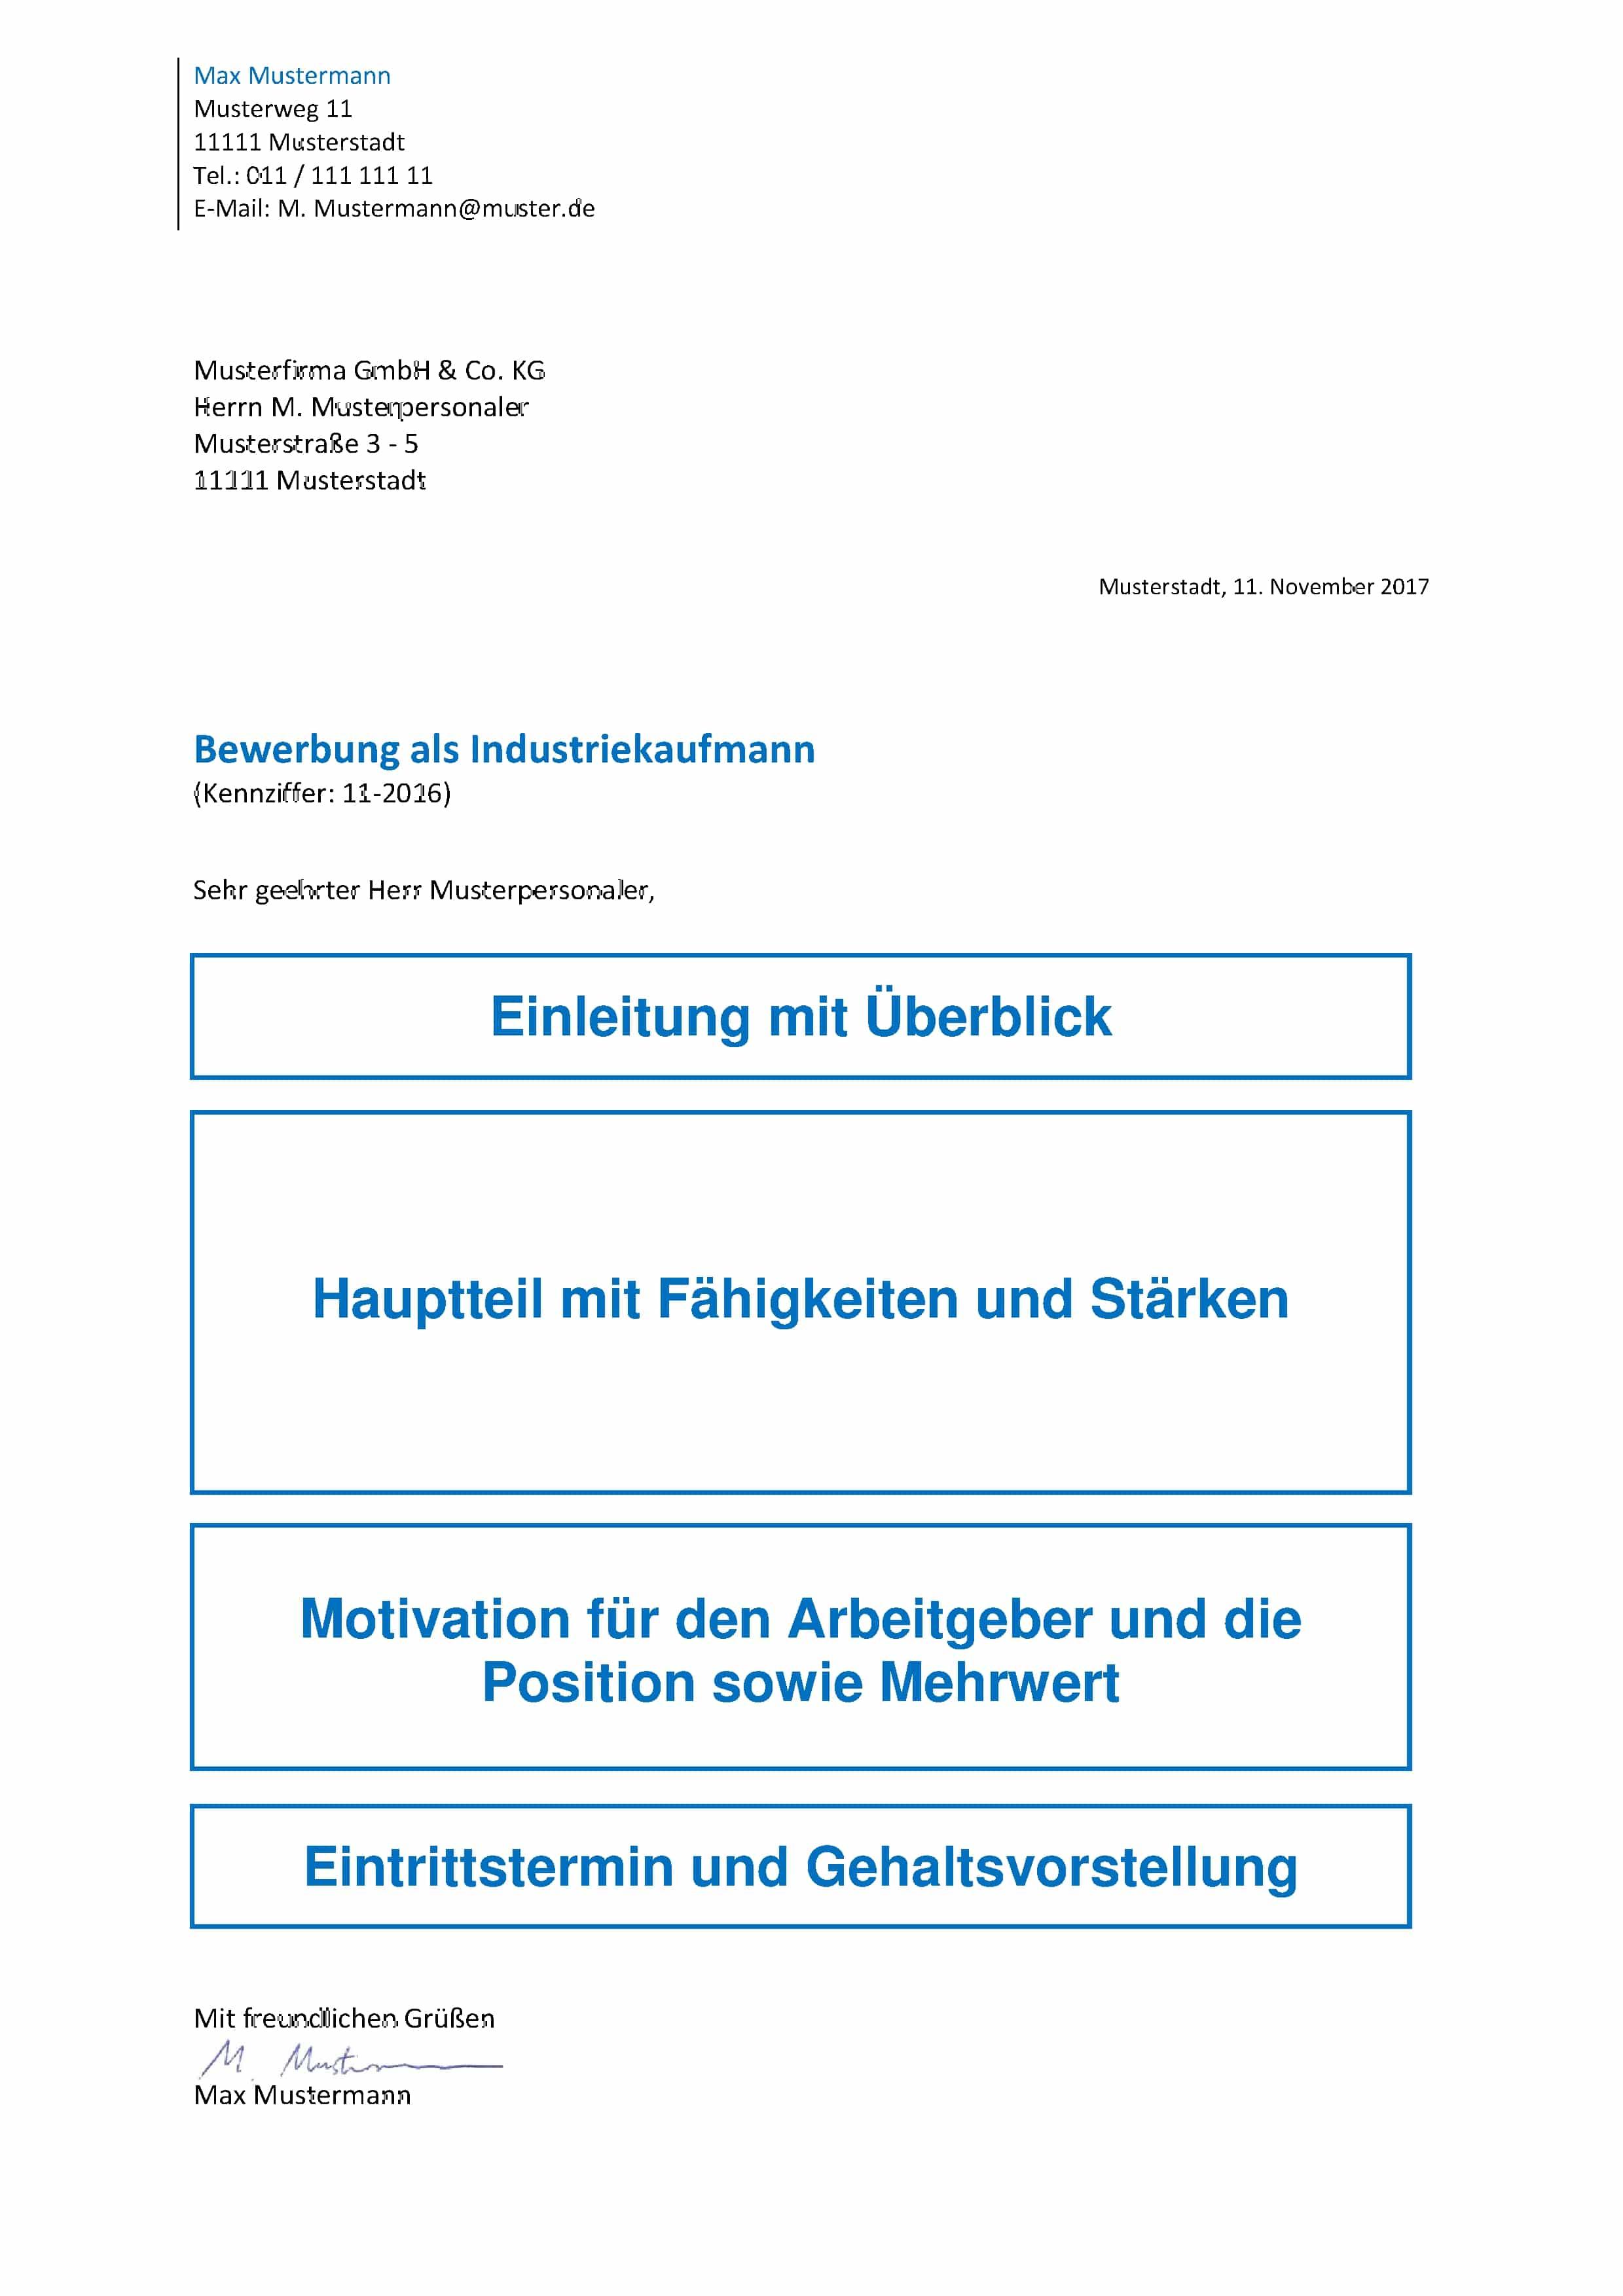 Das Bewerbungsanschreiben - Inhalt, Aufbau, Formulierungen - Tipps!